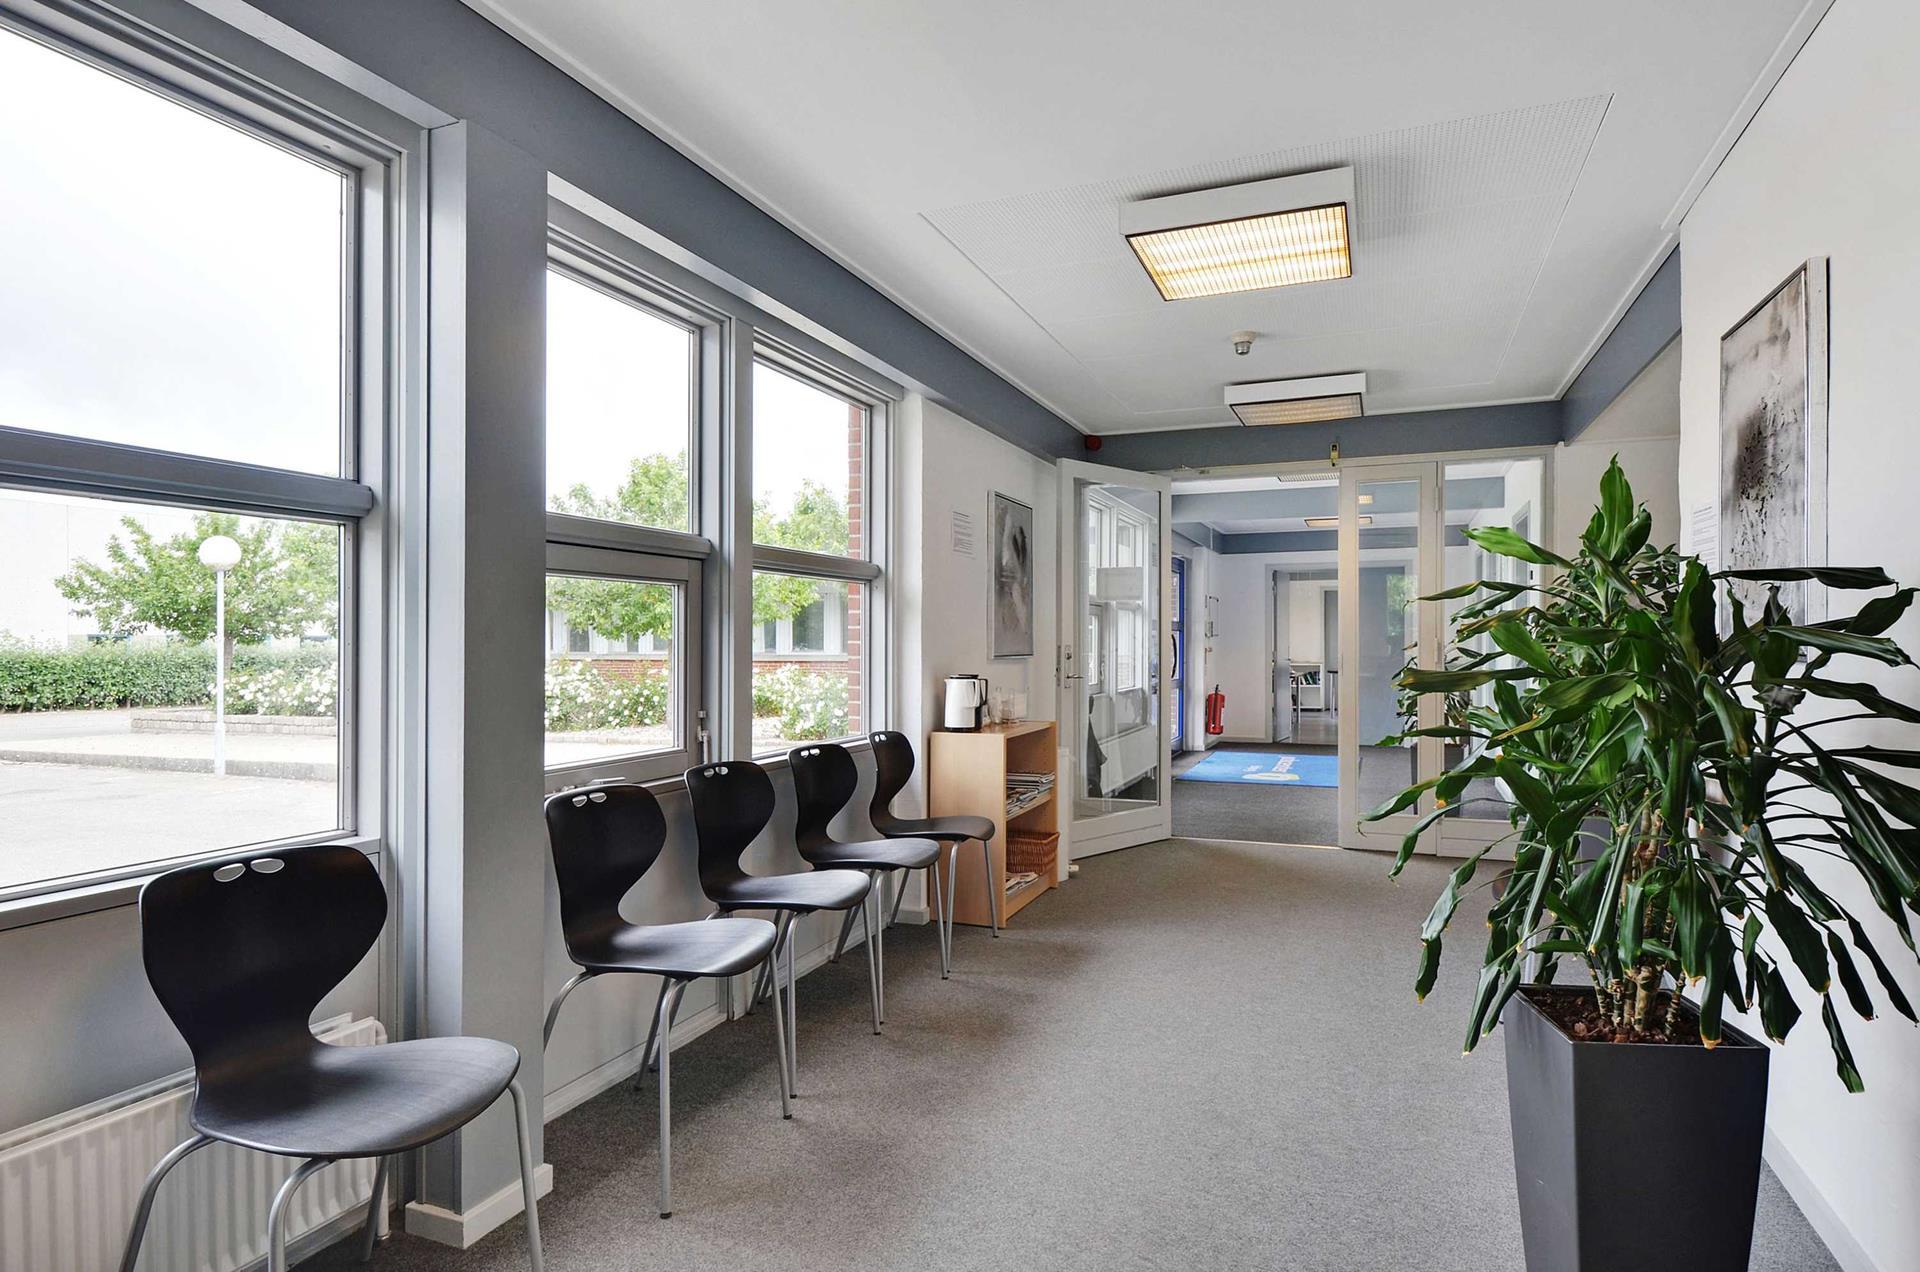 Bolig/erhverv på Høgevej i Esbjerg Ø - Fitness lokale